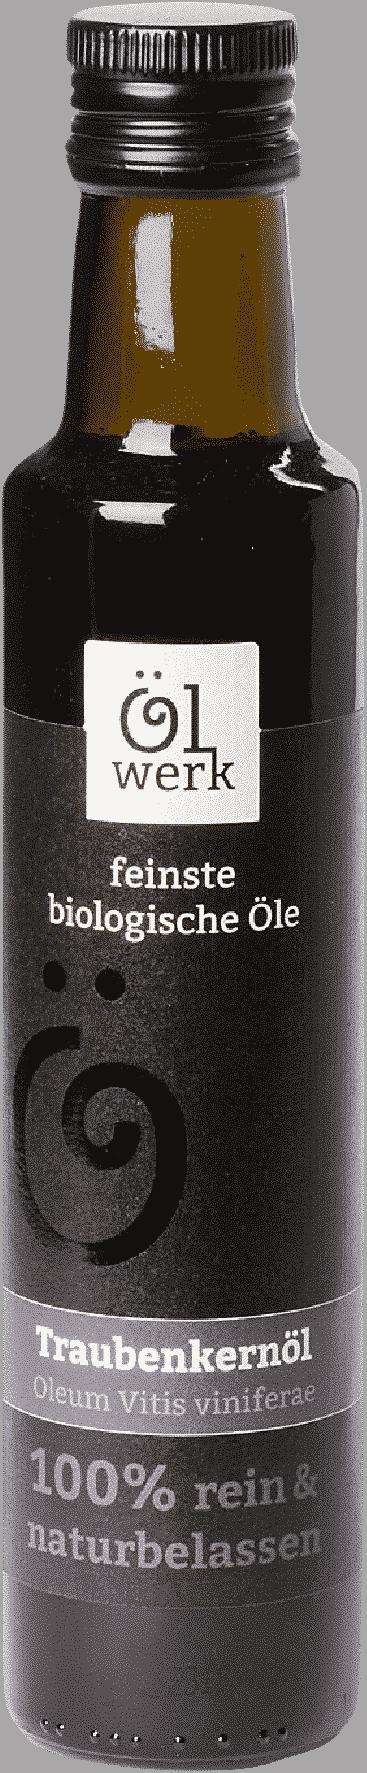 Bio-Traubenkernöl von Ölwerk